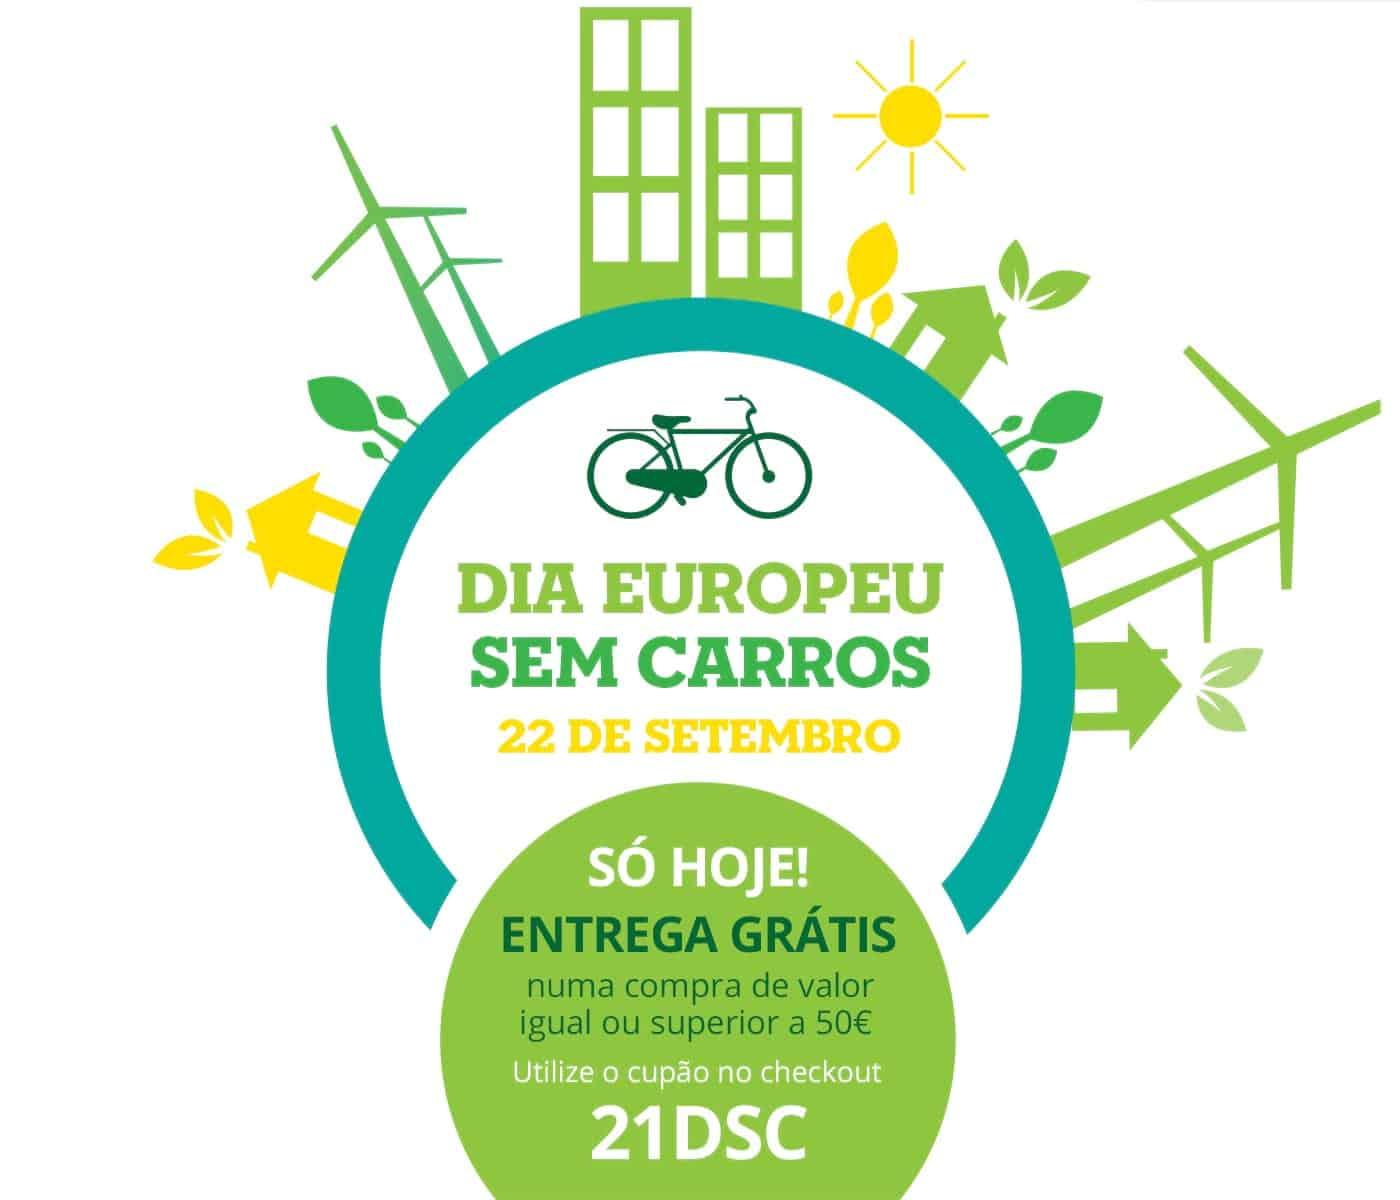 Continente - Dia Europeu Sem Carros